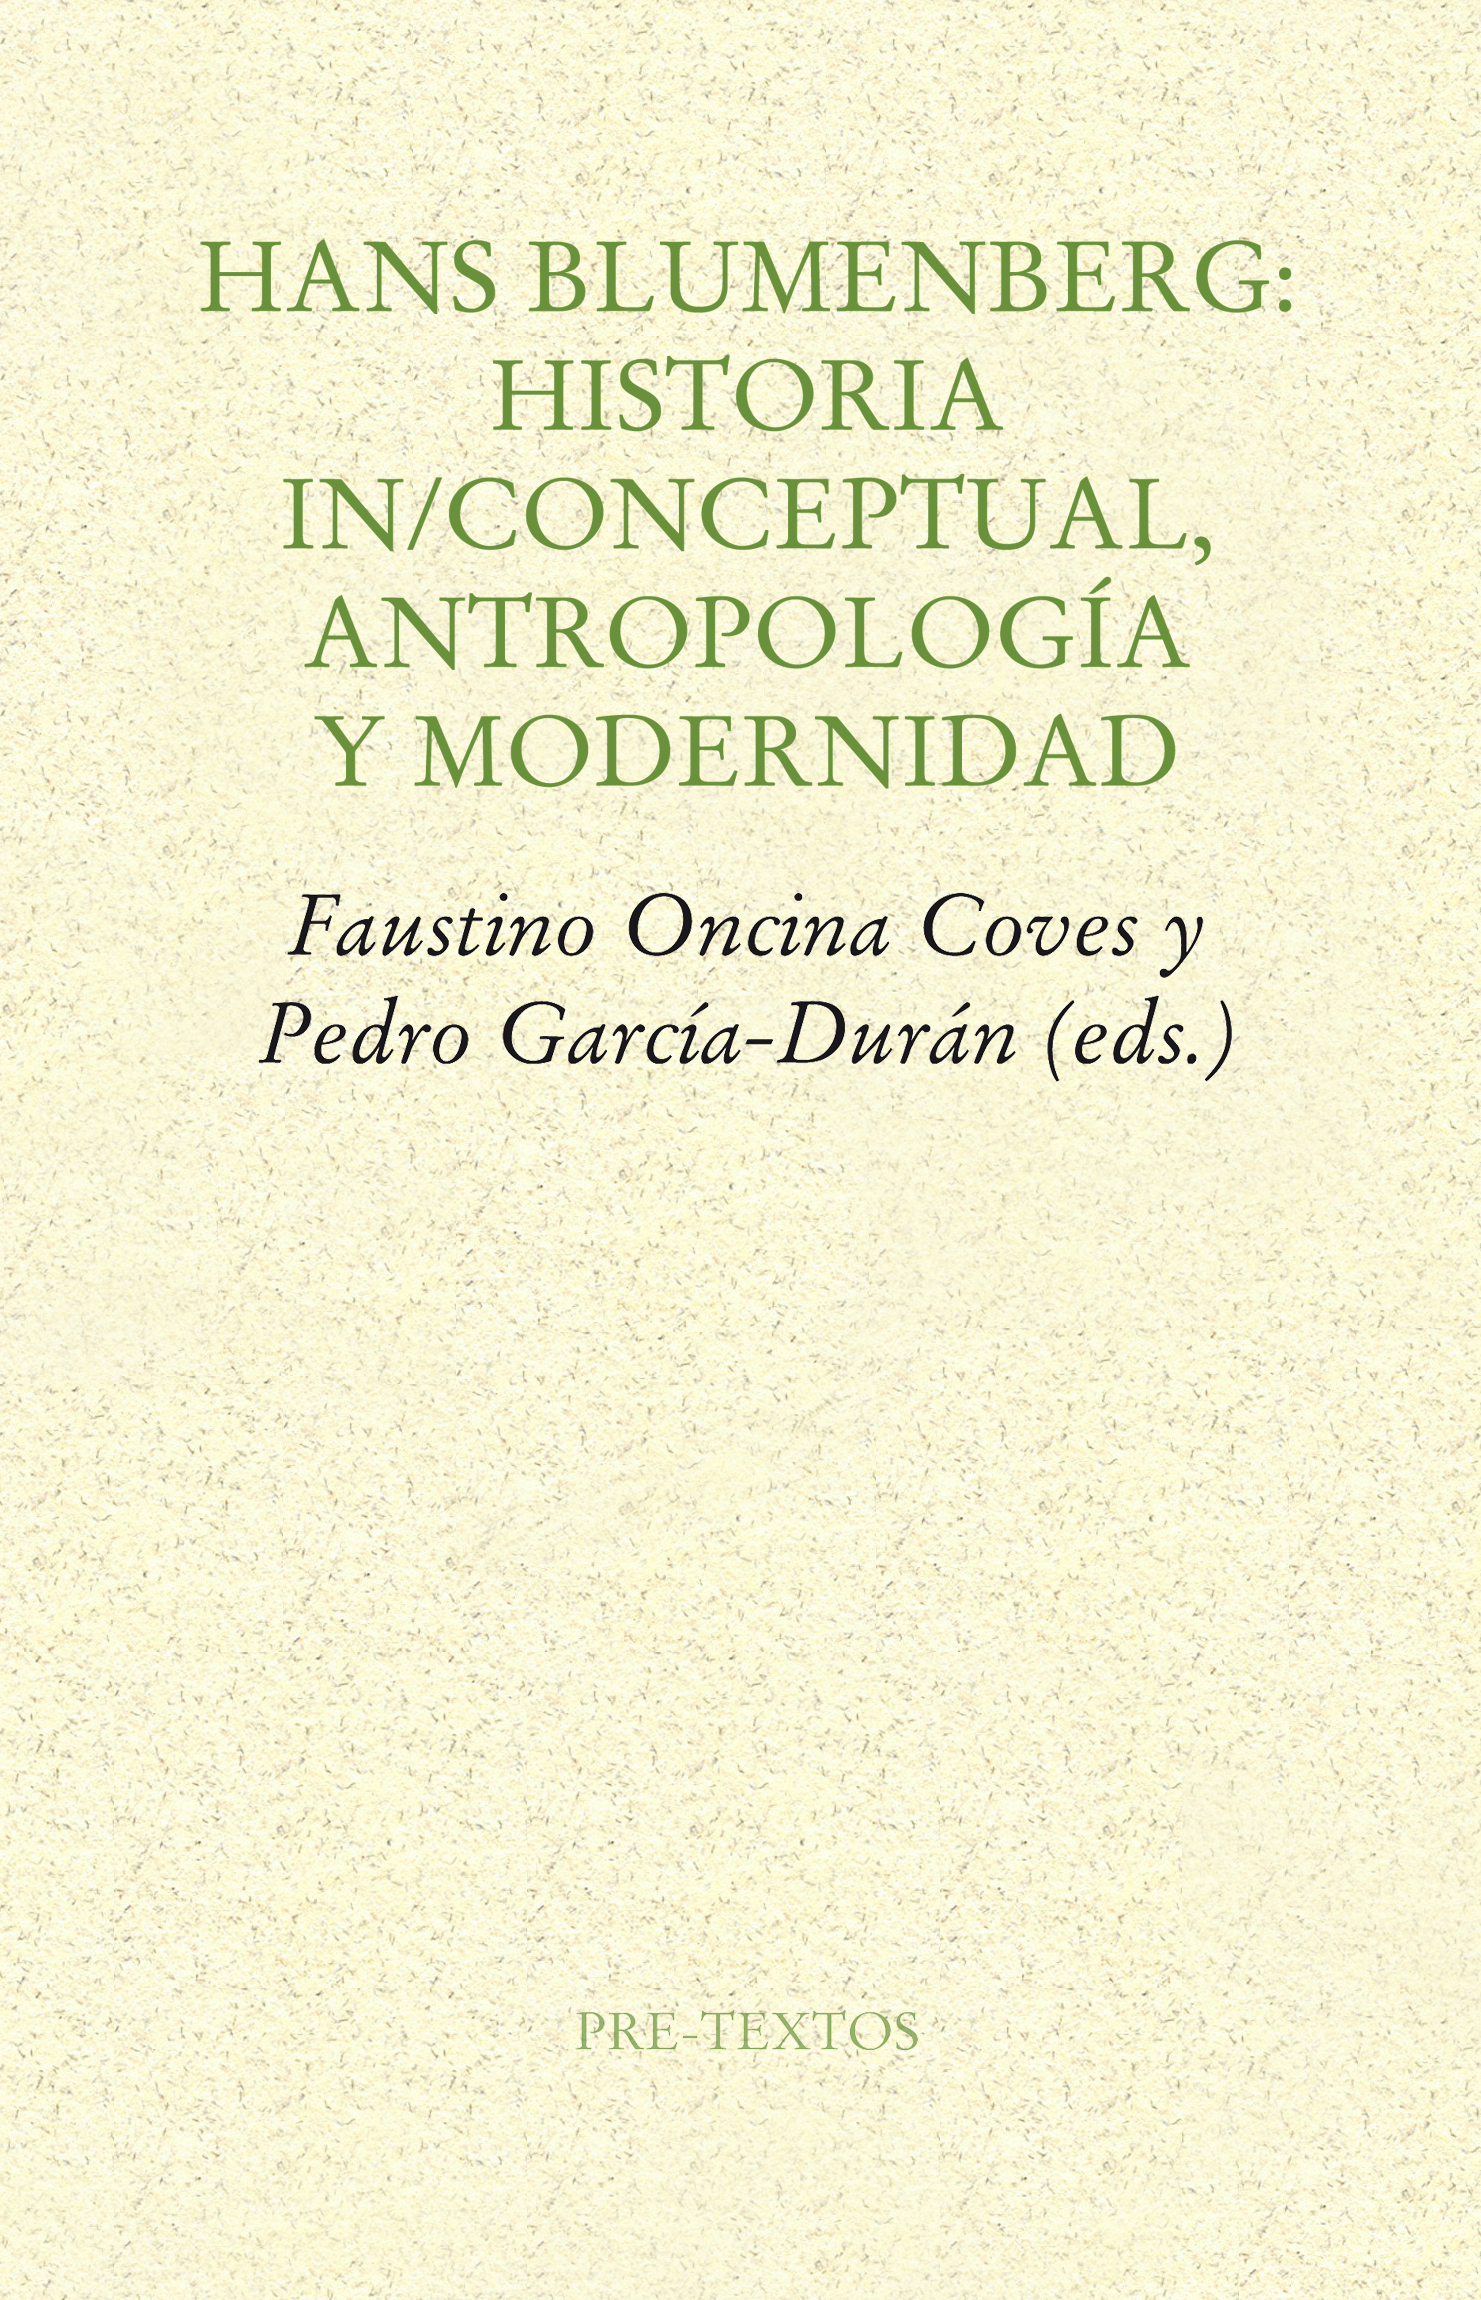 Hans Blumenberg: Historia in/conceptual, antropología y modernidad